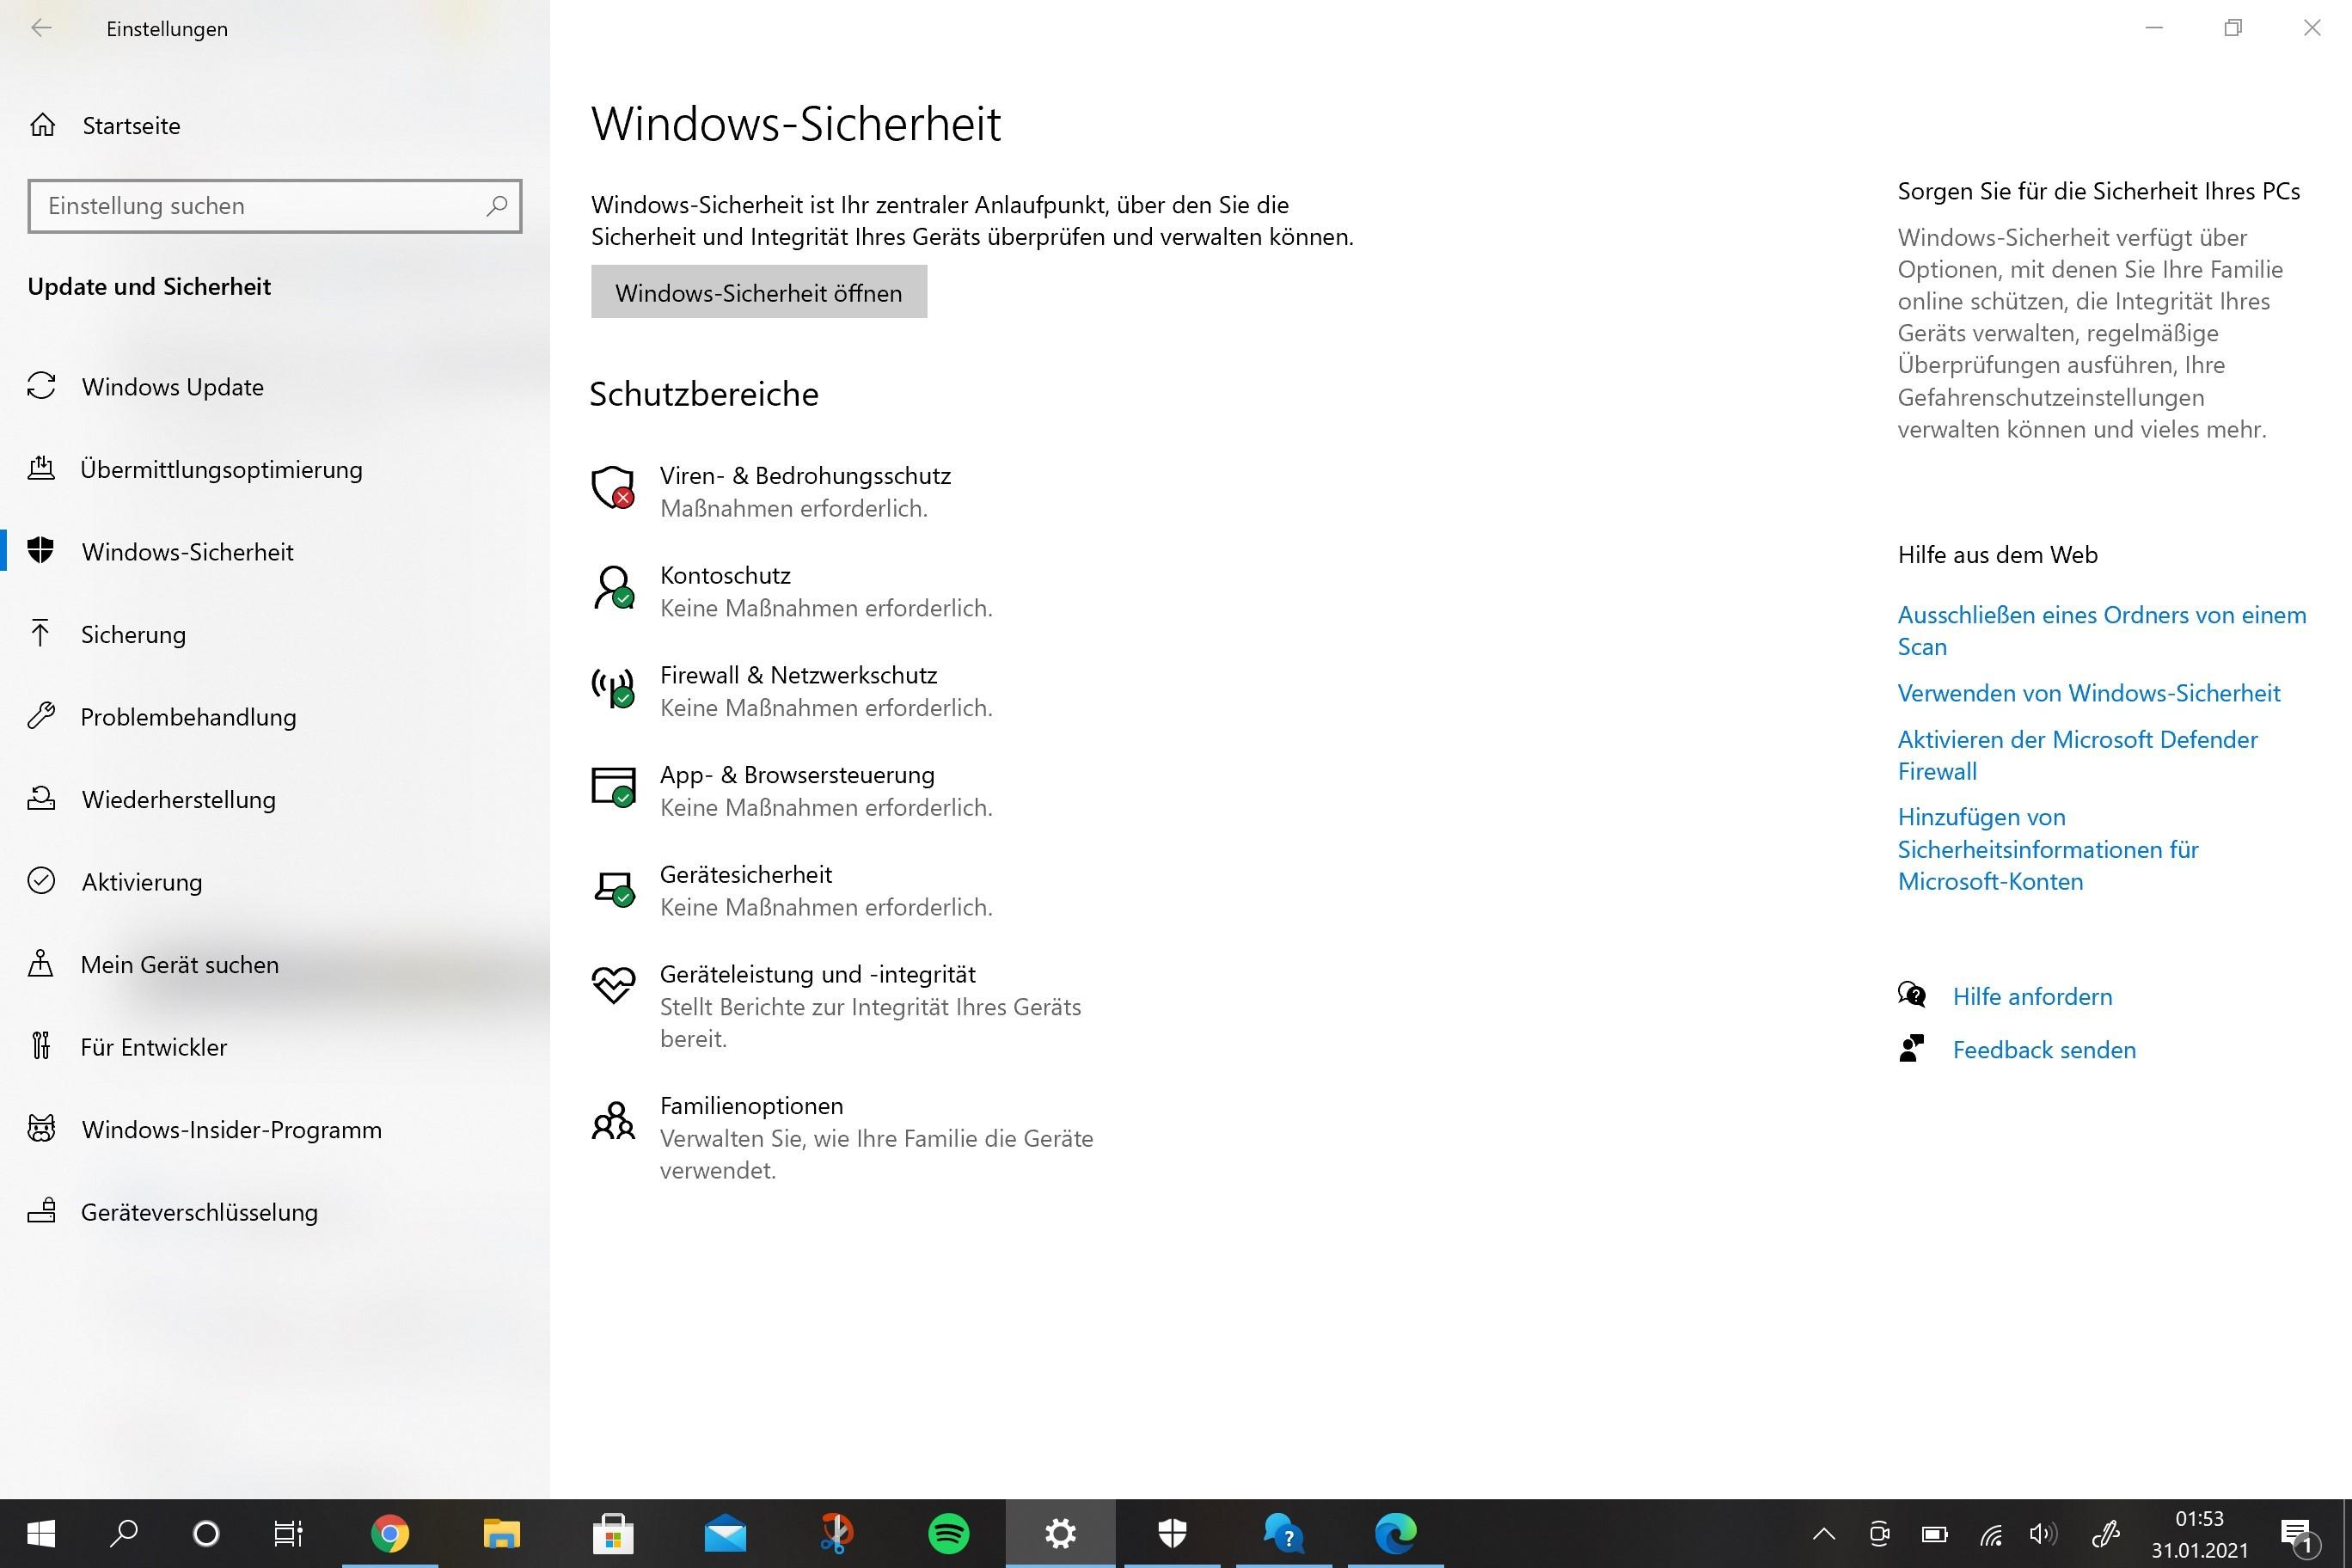 Windows-Sicherheit; Viren- & Bedrohungsschutz; Schutzverlauf